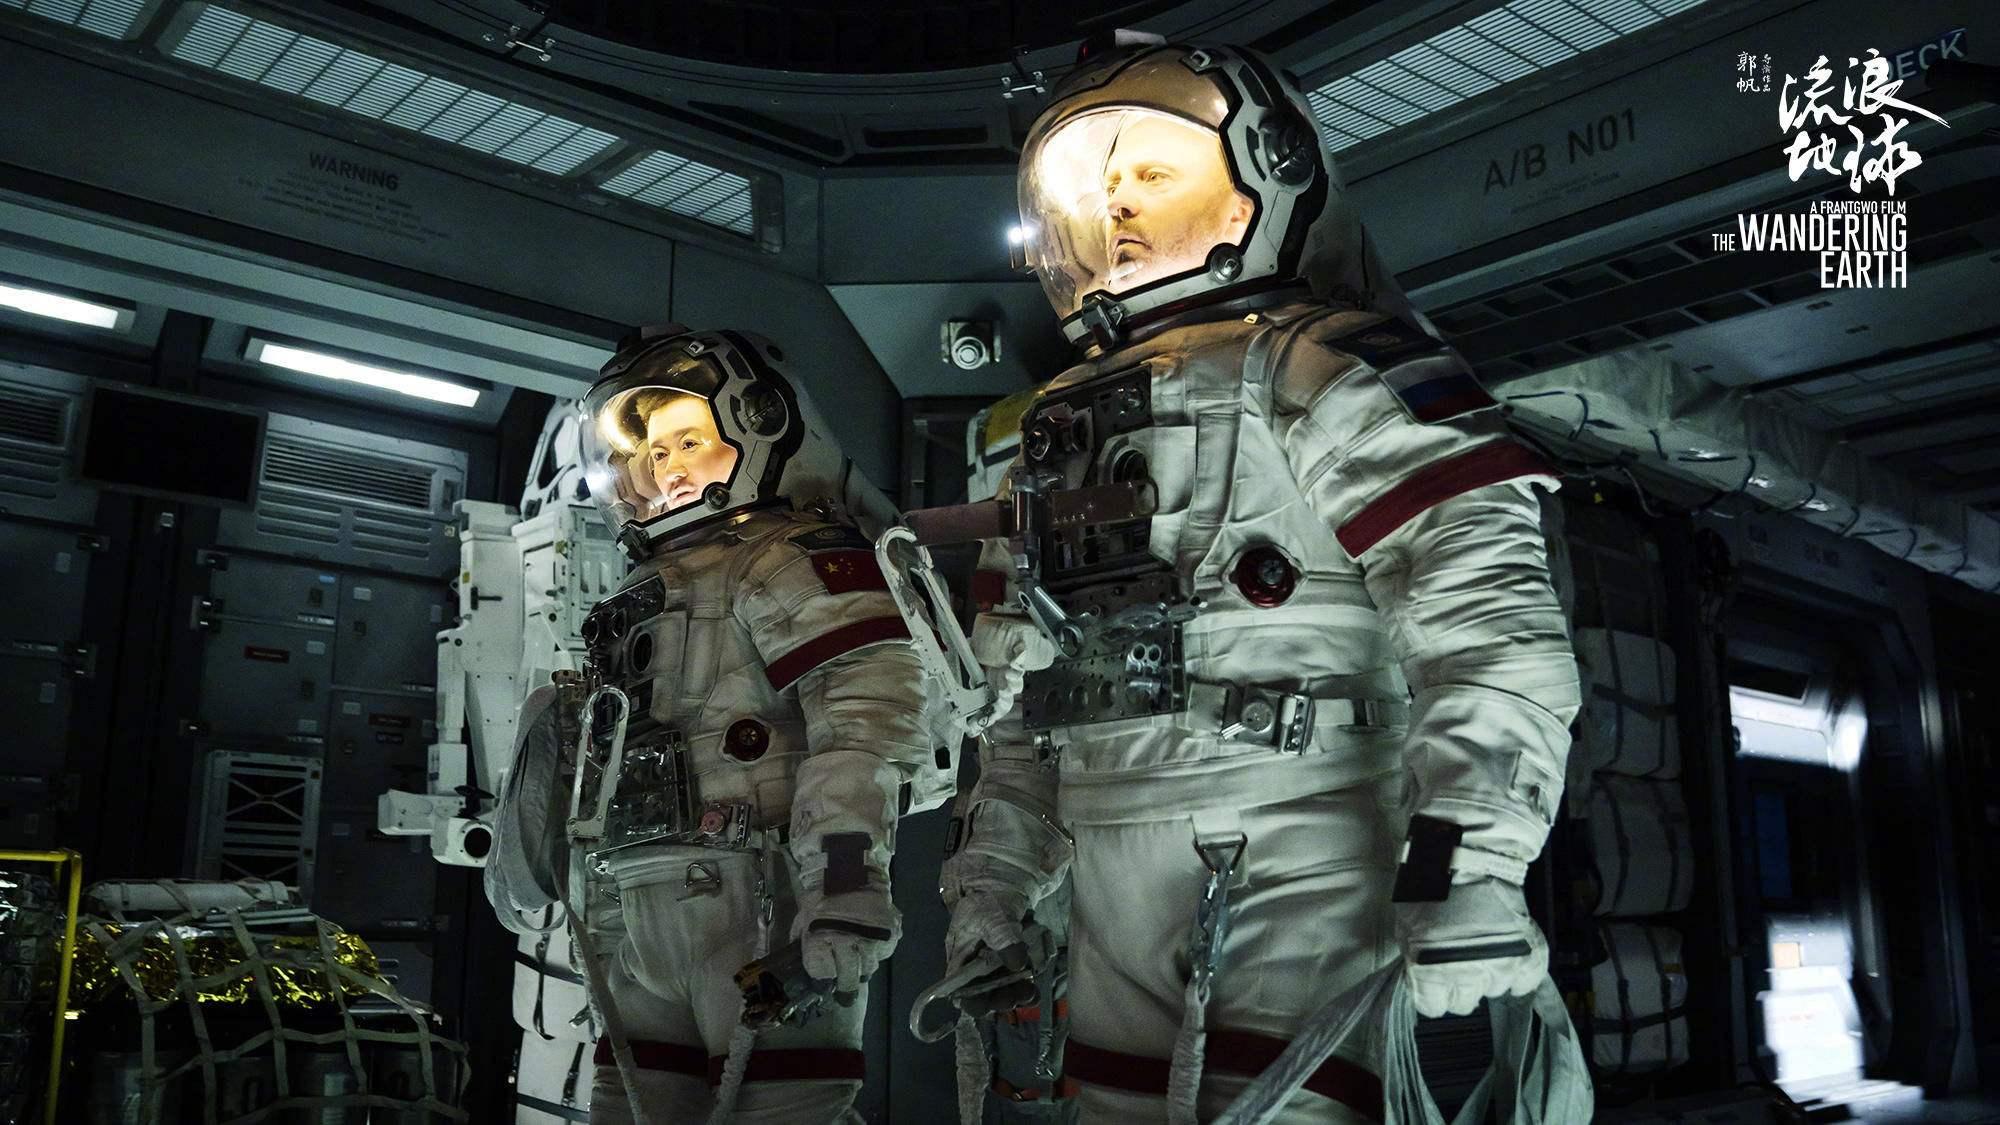 新华社:《流浪地球》开启中国科幻电影创作新征程